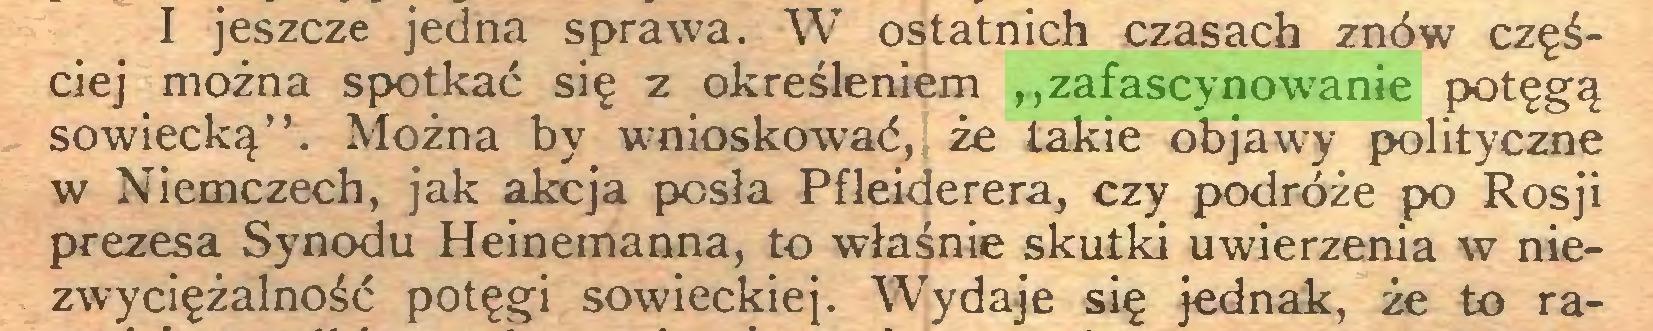 """(...) I jeszcze jedna sprawa. W ostatnich czasach znów częściej można spotkać się z określeniem ,,zafascynowanie potęgą sowiecką"""". Można by wnioskować, że takie objawy polityczne w Niemczech, jak akcja posła Pfleiderera, czy podróże po Rosji prezesa Synodu Heinetnanna, to właśnie skutki uwierzenia w niezwyciężalność potęgi sowieckiej. Wydaje się jednak, że to ra..."""